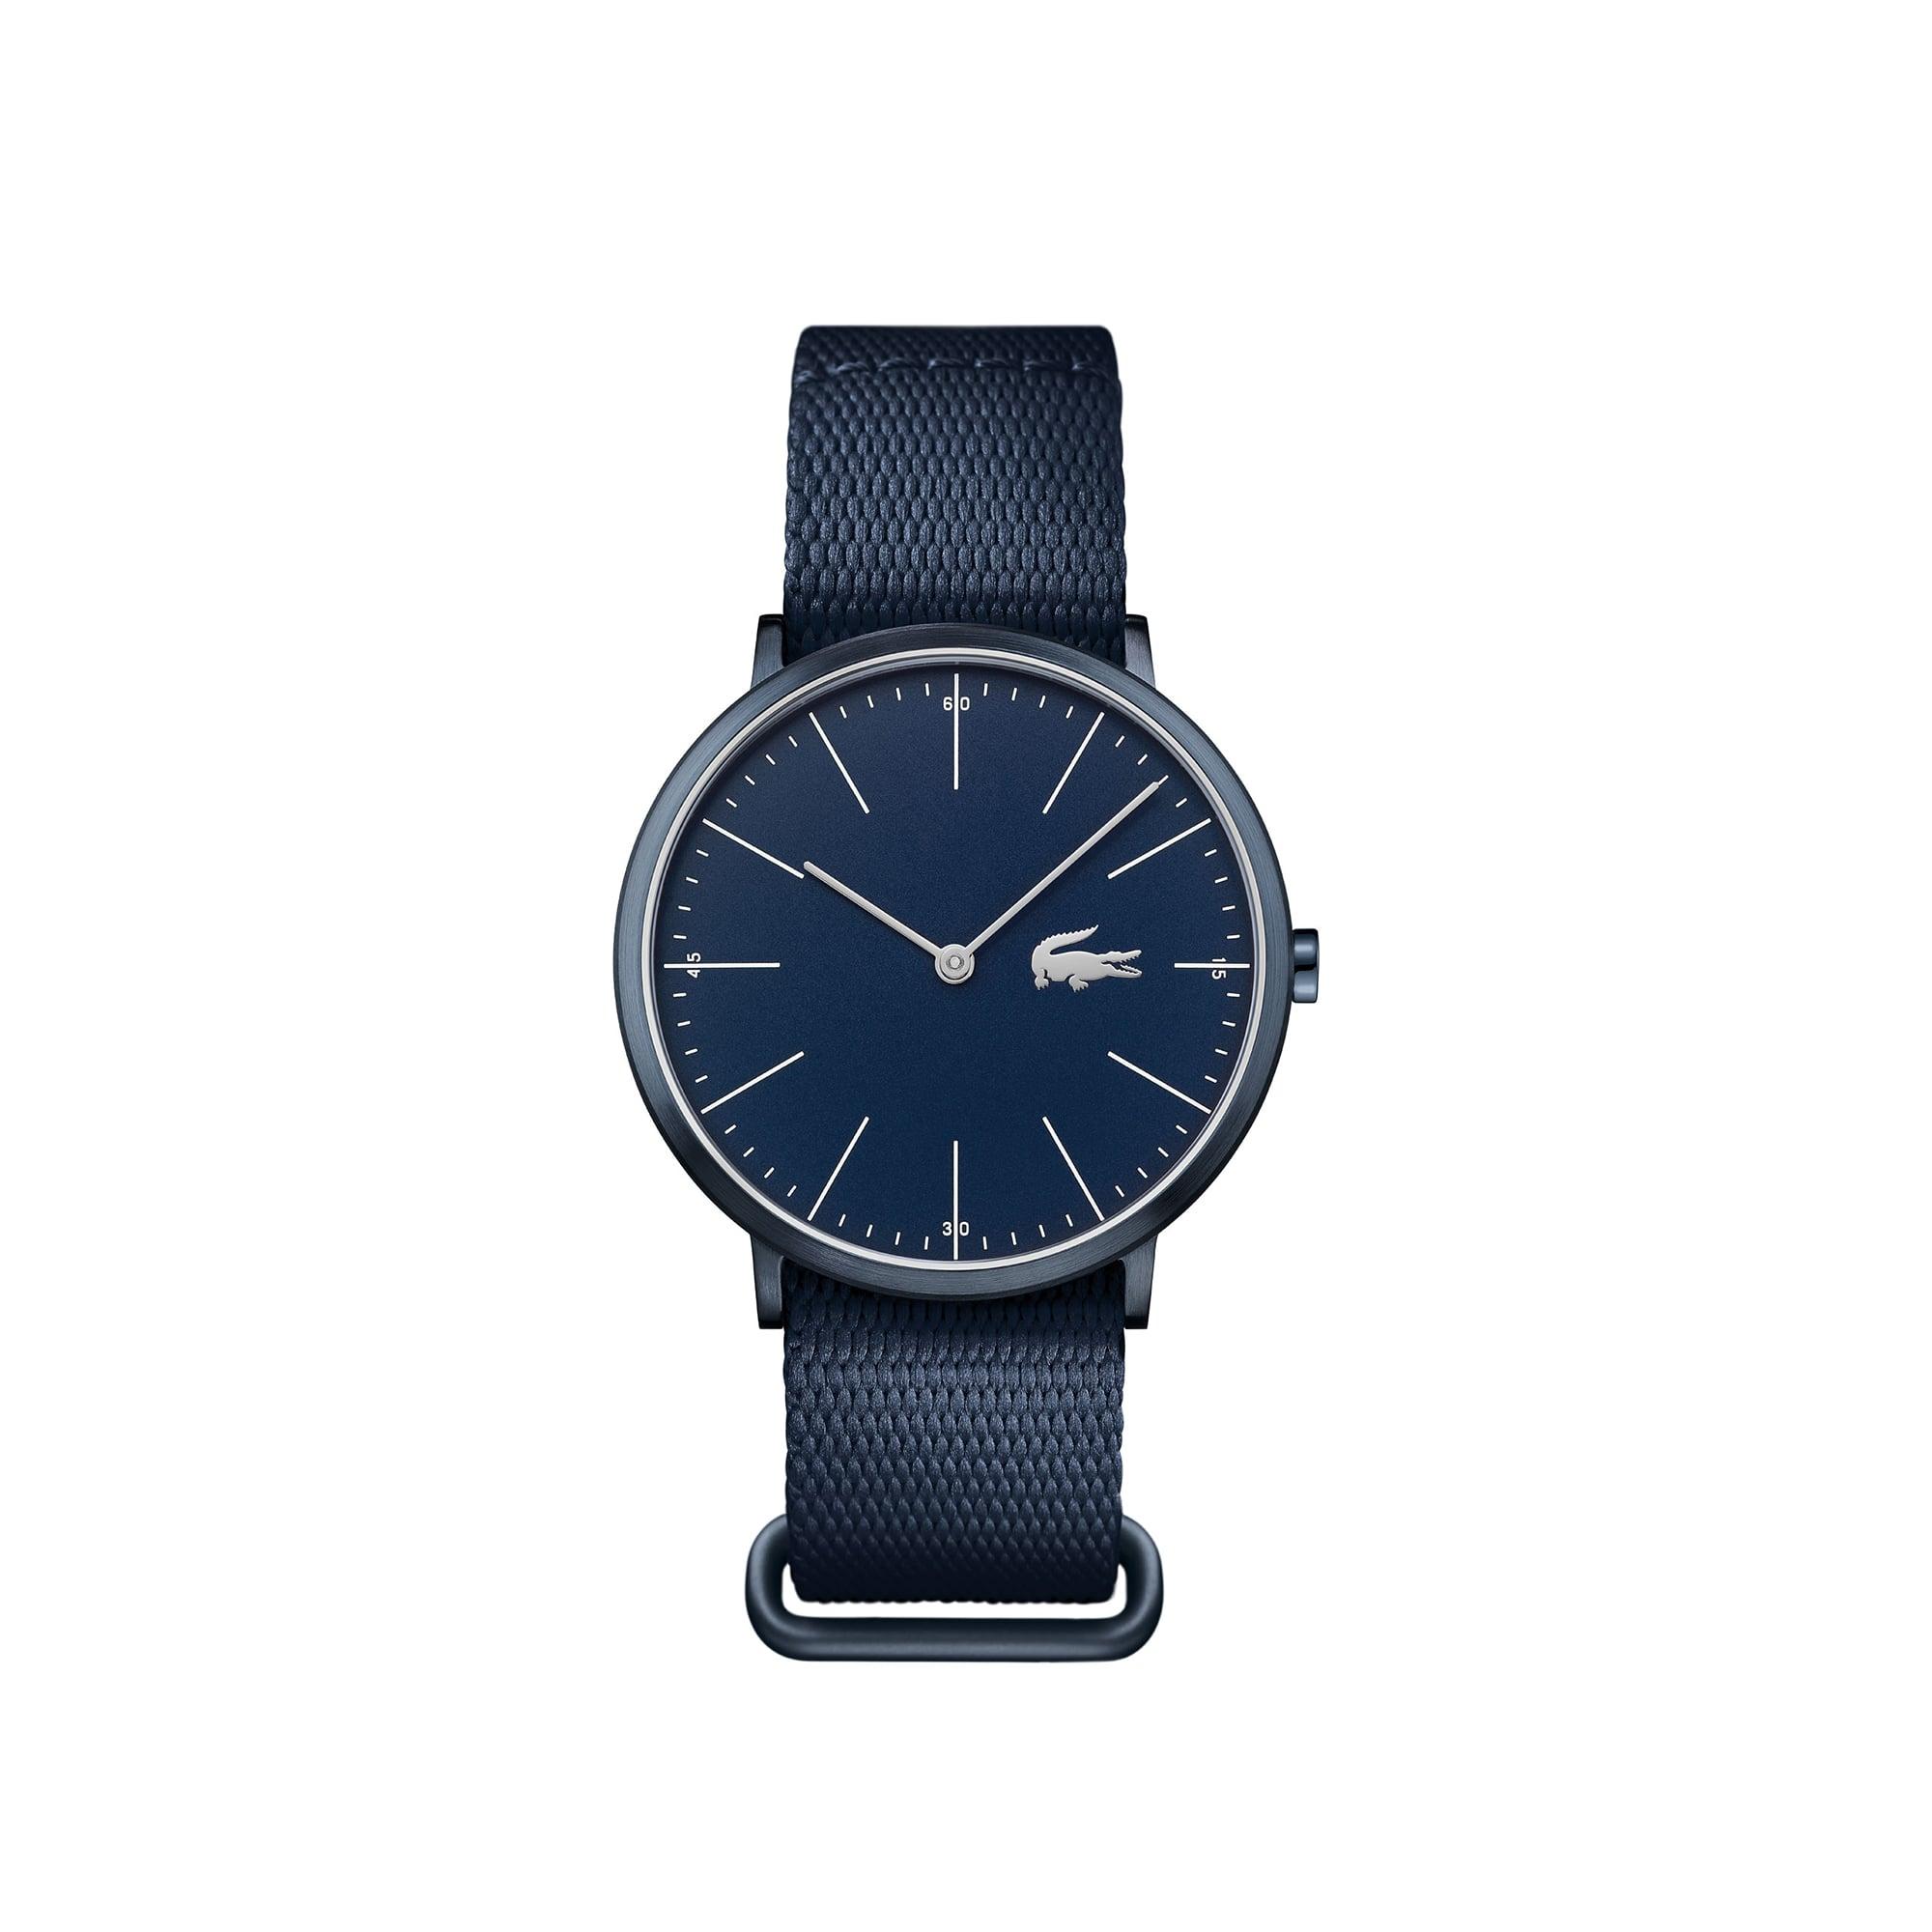 Uhr mit blauem Zifferblatt und Armband aus Textil und Leder Moon